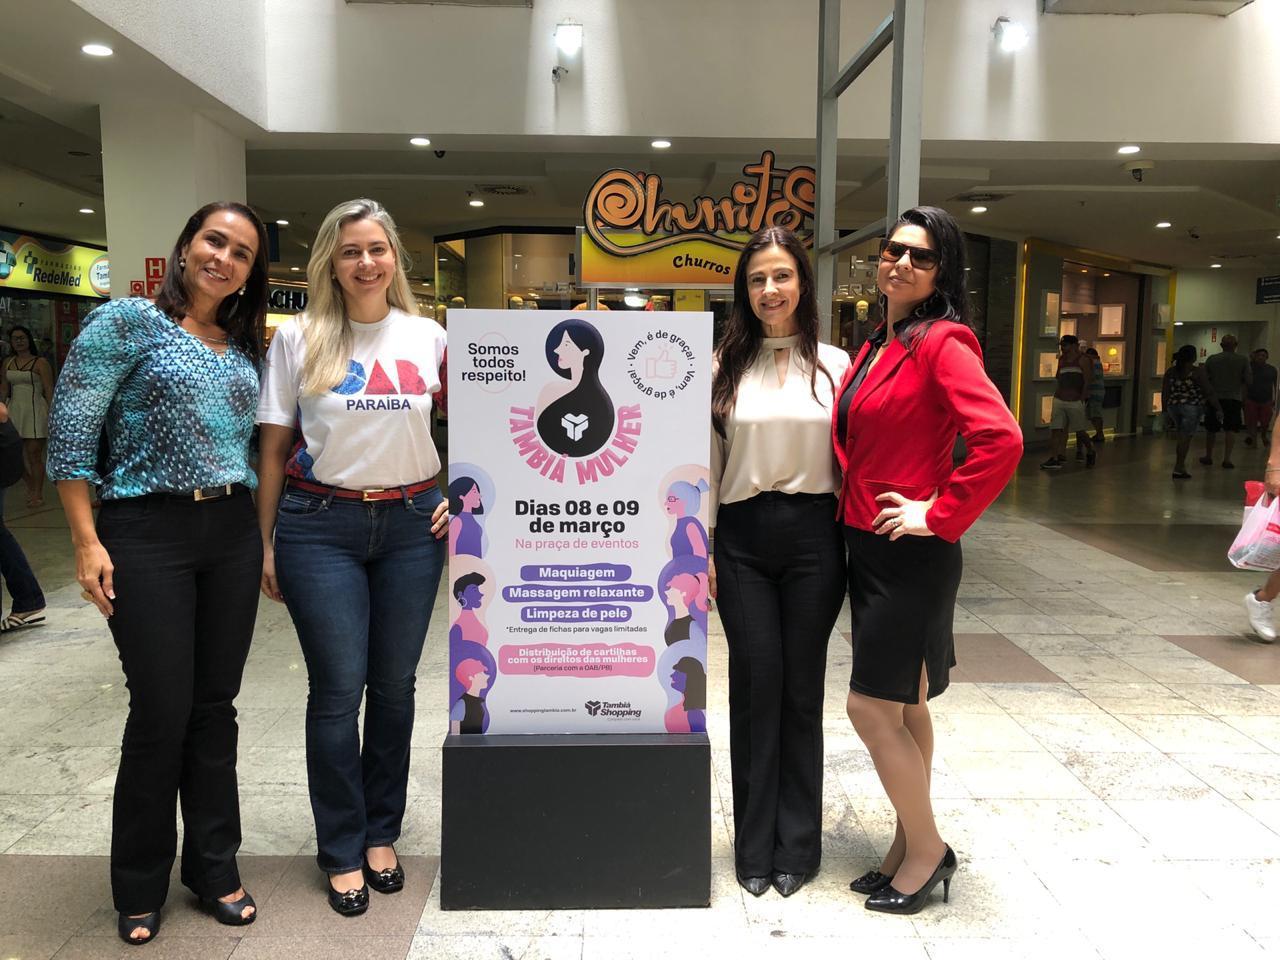 Mês da Mulher: Comissão de Ação Social realiza consultoria jurídica gratuita no Shopping Tambiá